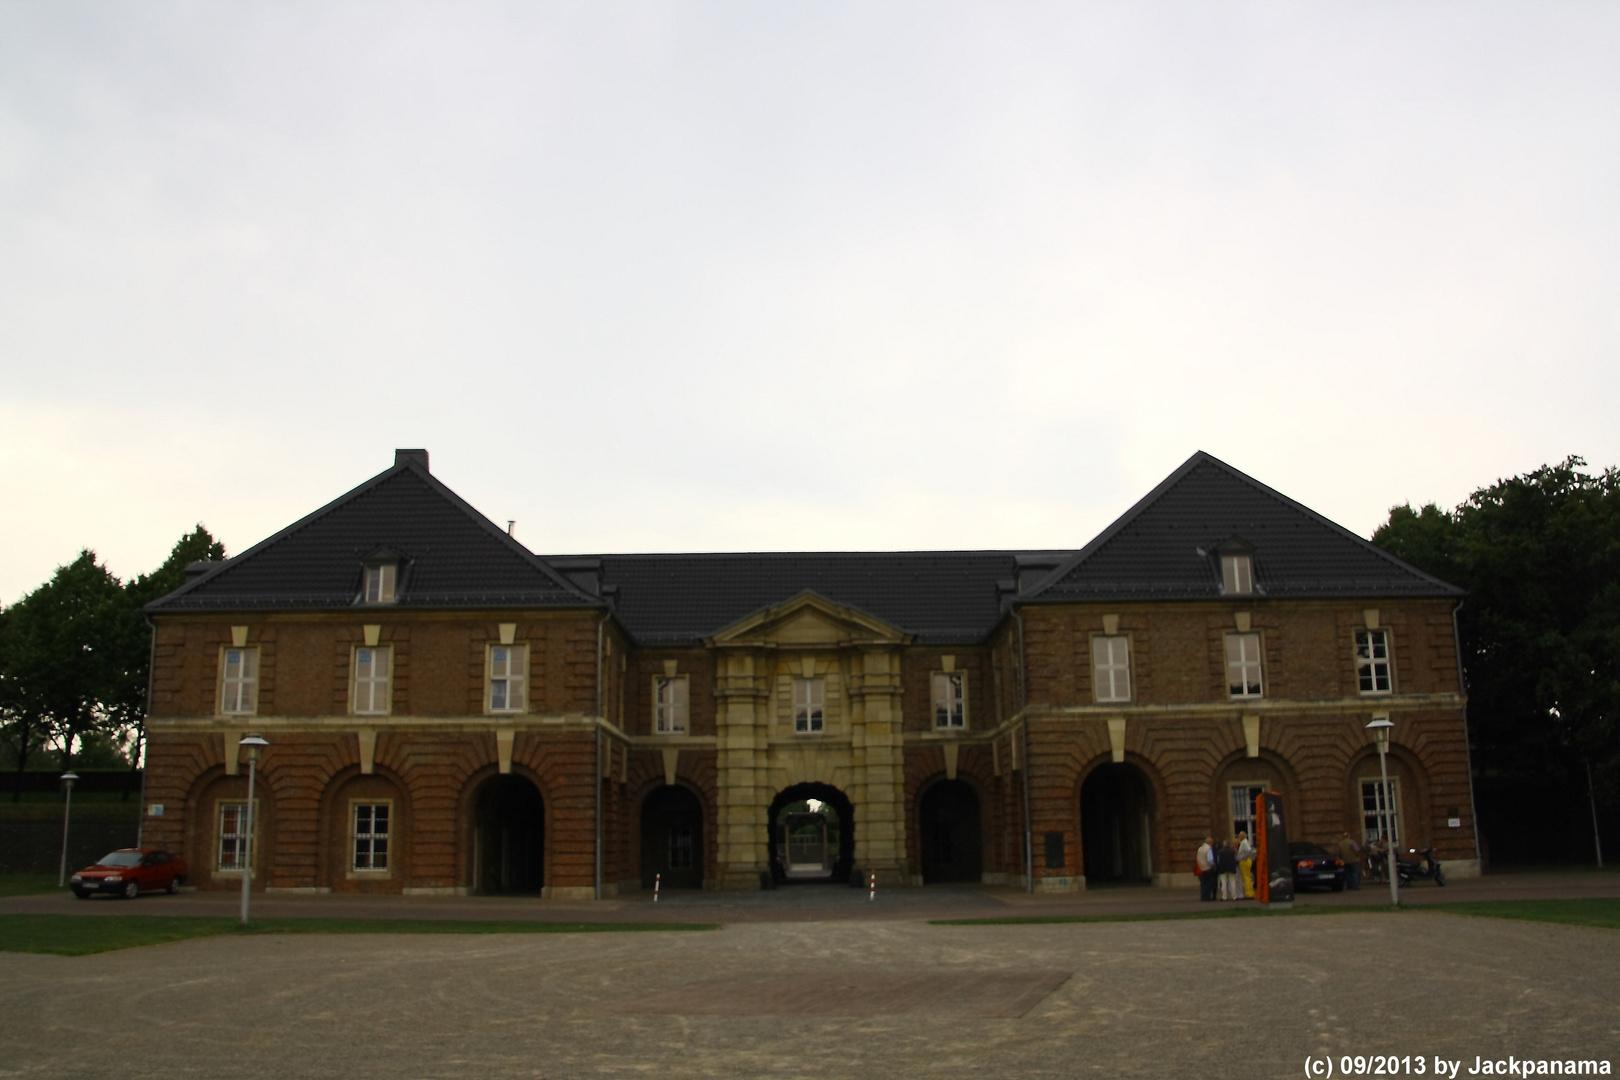 Das Haupttor der Zitadelle Wesel vom zentralen Waffenplatz aus gesehen